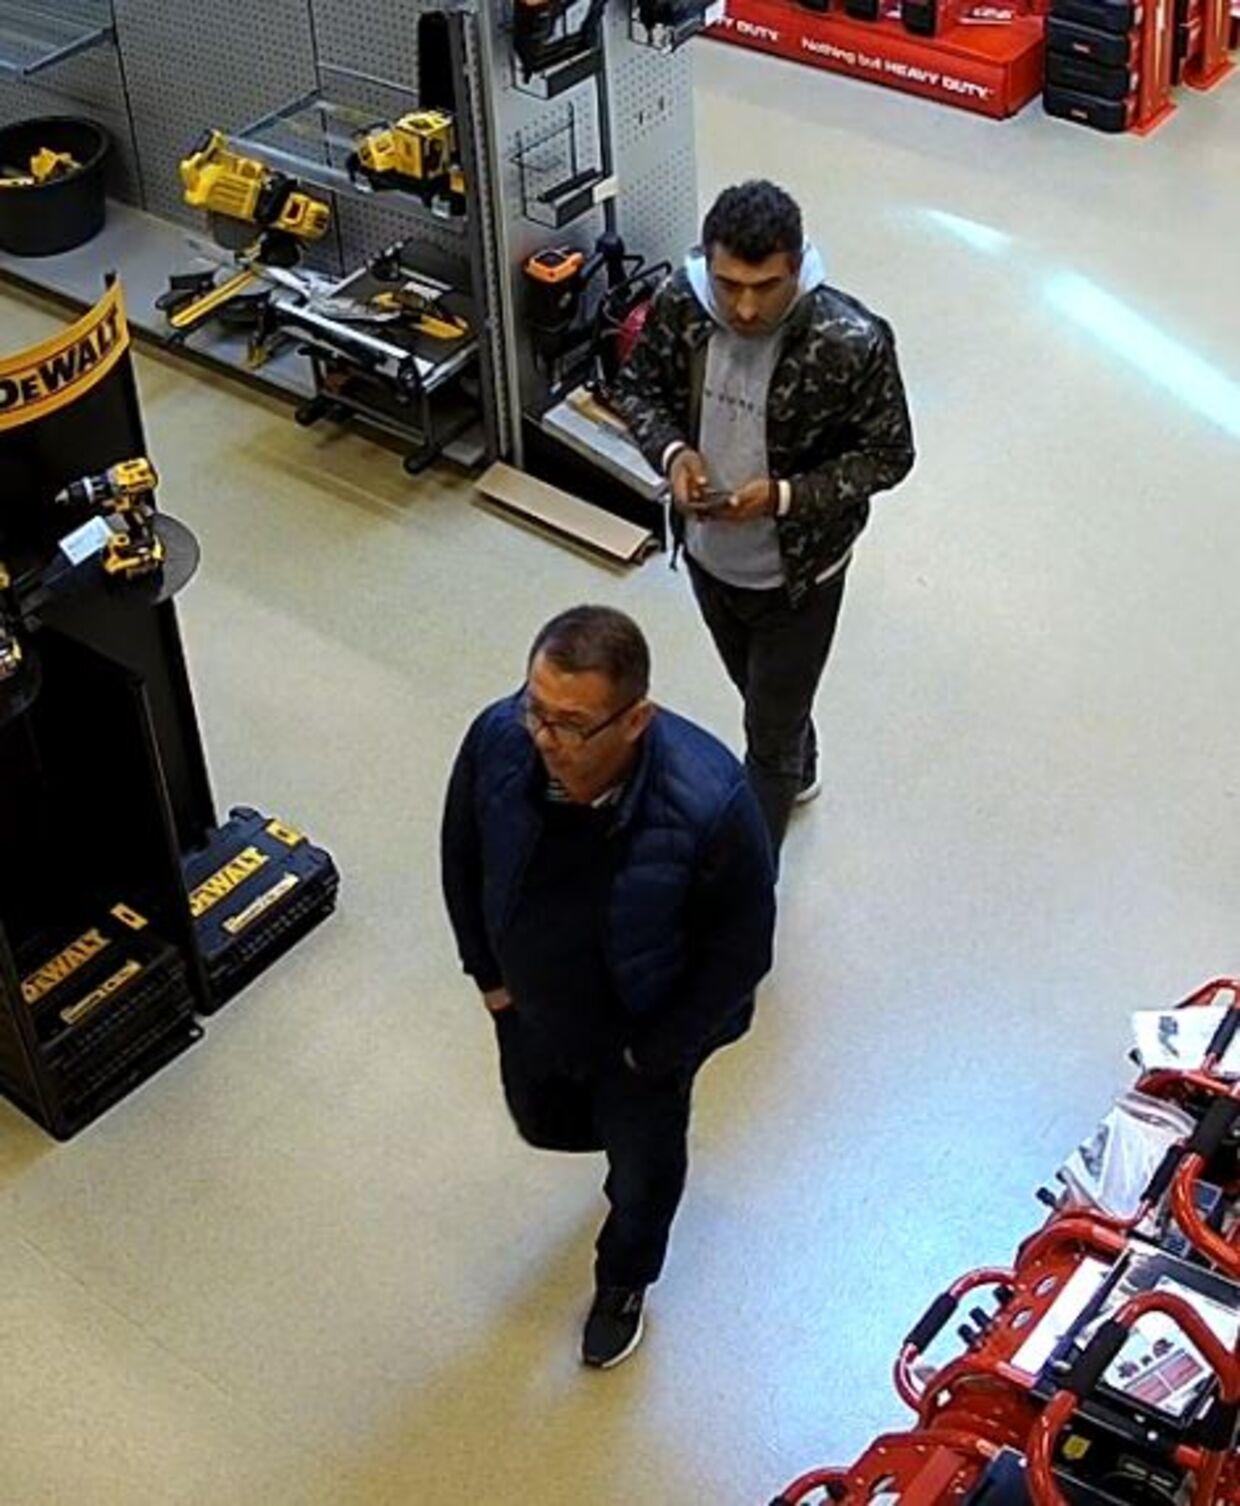 De to mænd, som politiet i Midt- og Vestjylland efterlyser i forbindelse med et tyveri i et byggemarked i Viborg.